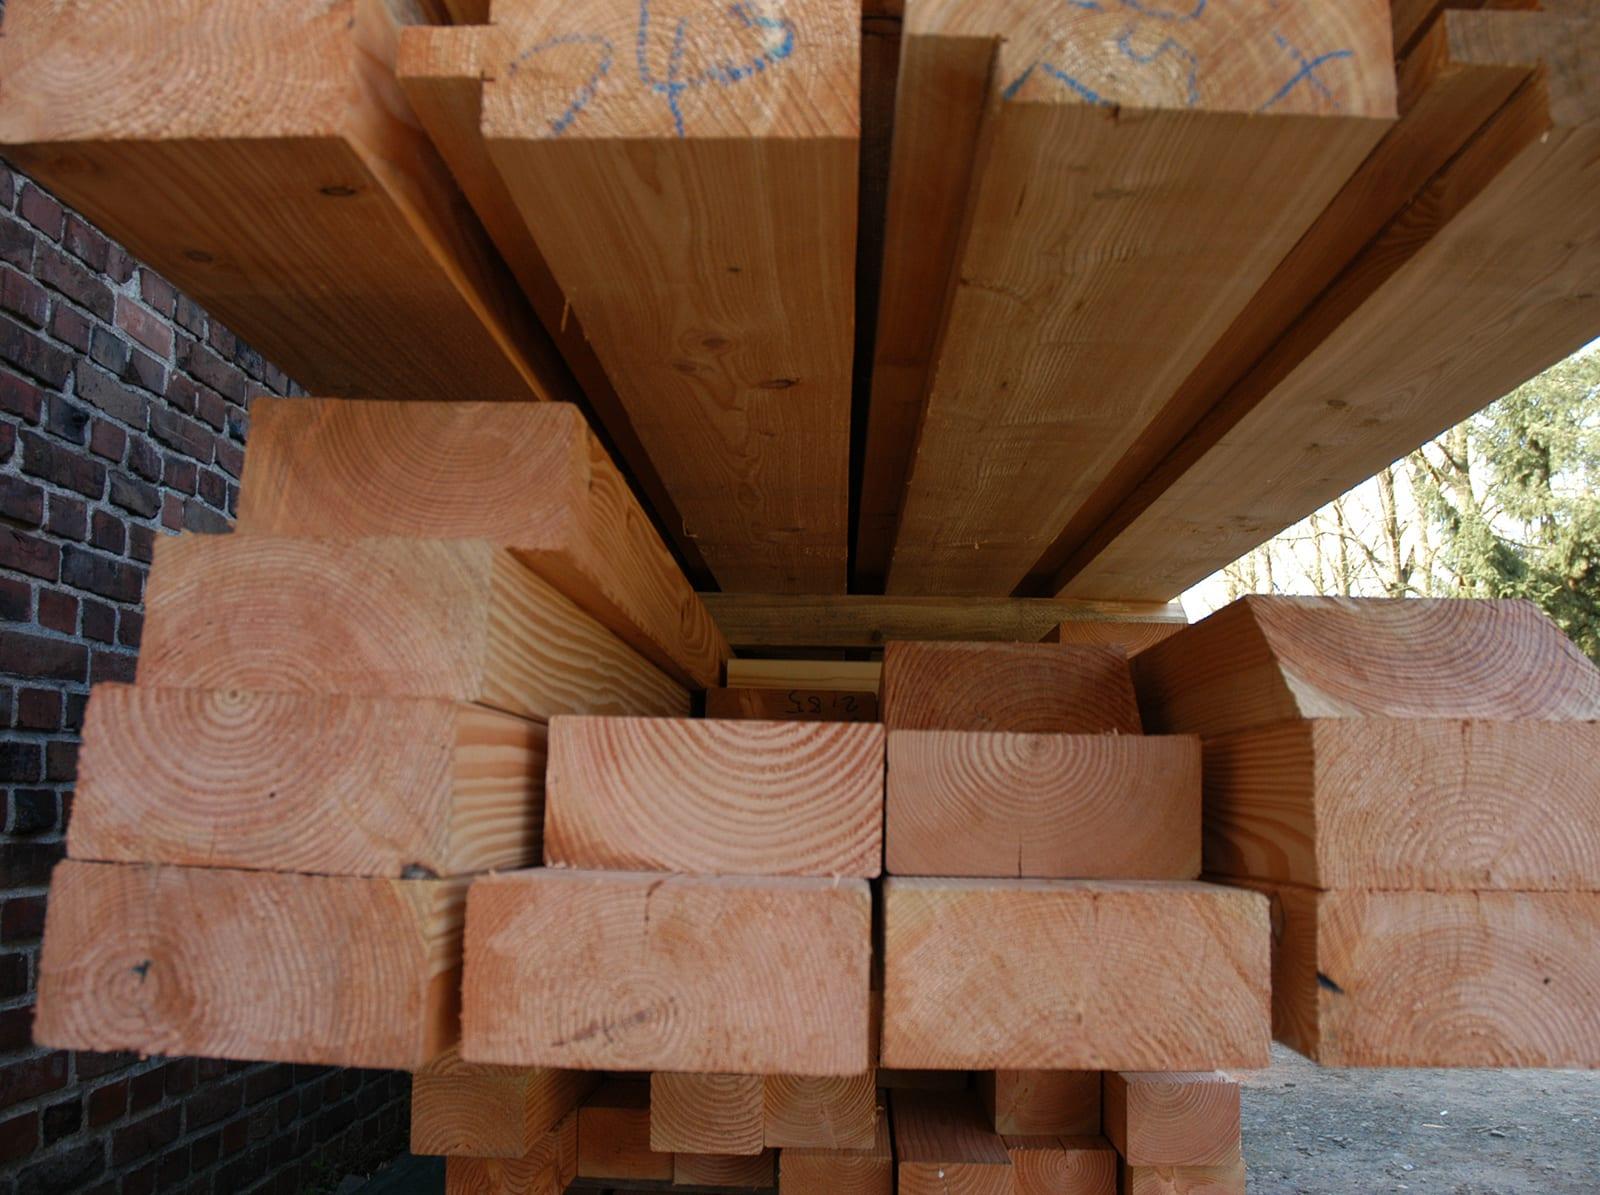 Stapel von Holzblöcken der Zimmerei Pitzer